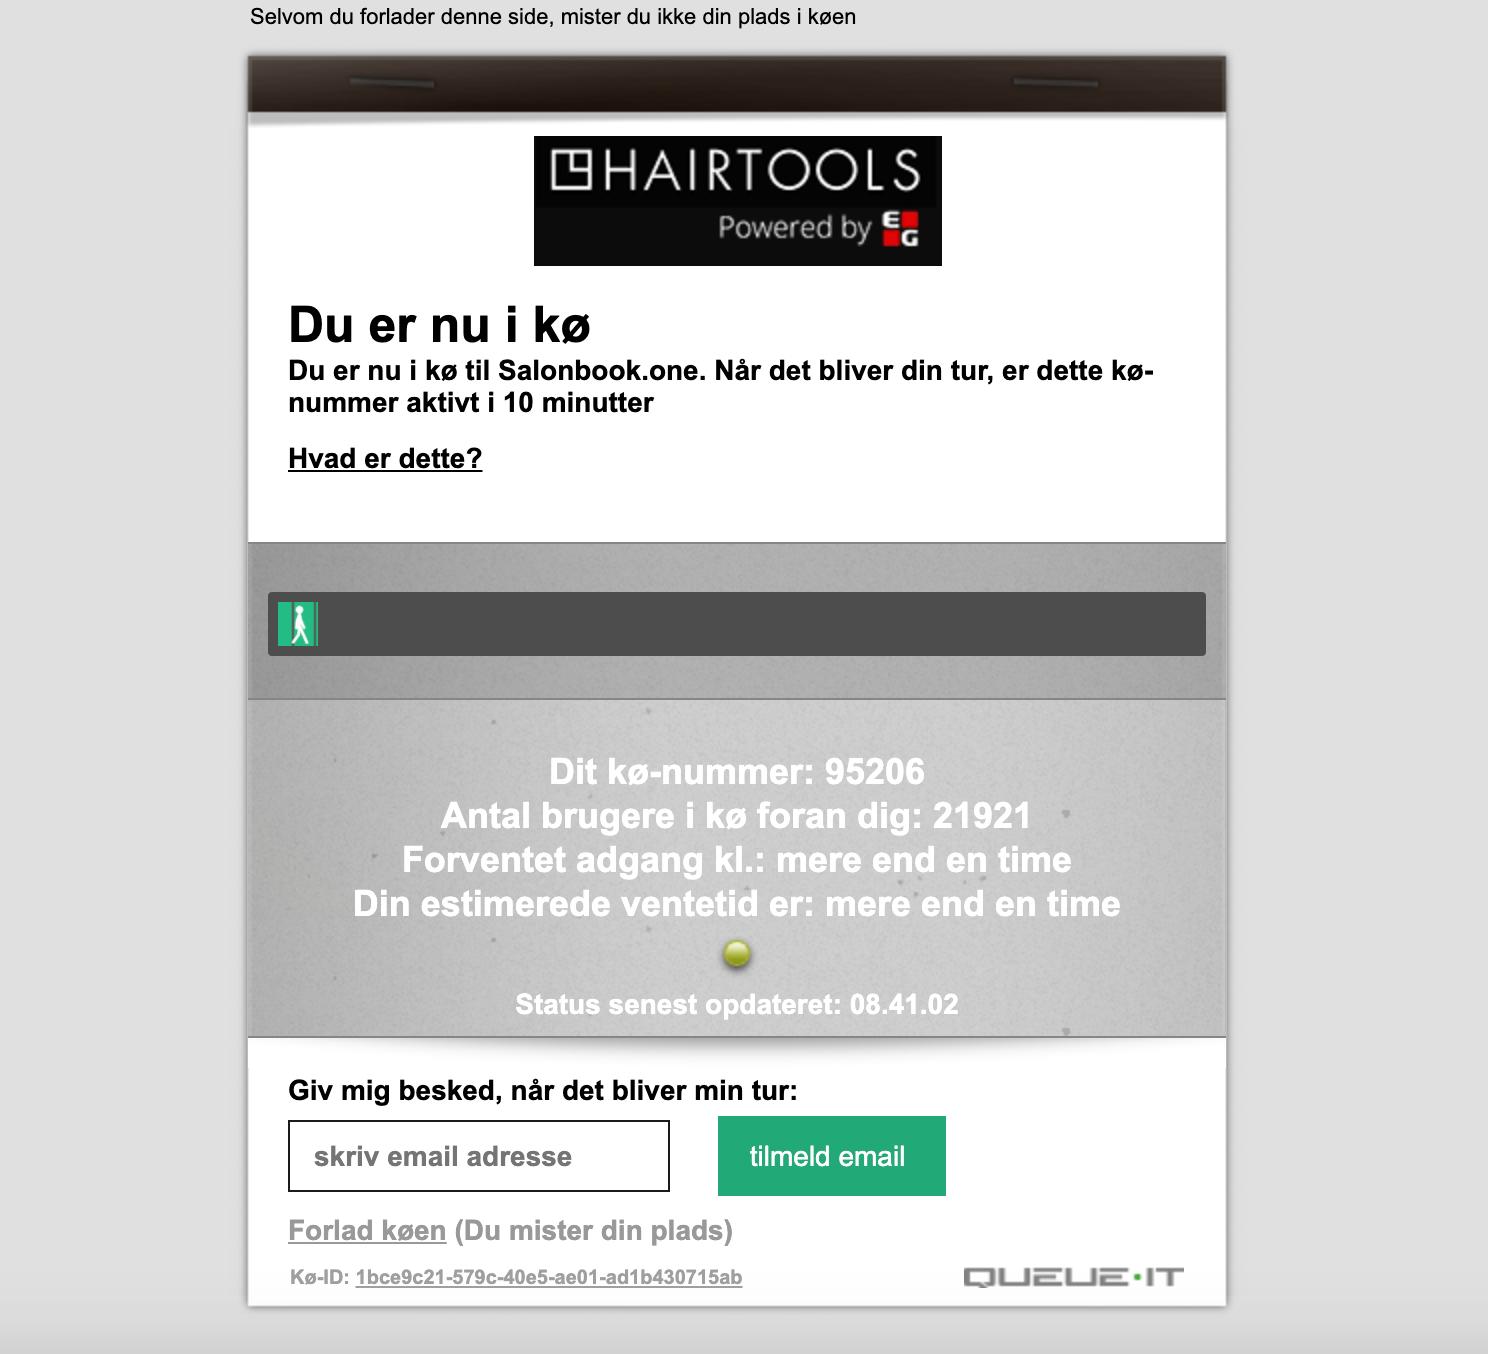 Systemer under pres: Lang ventetid for at booke tid til Aalborgs frisører